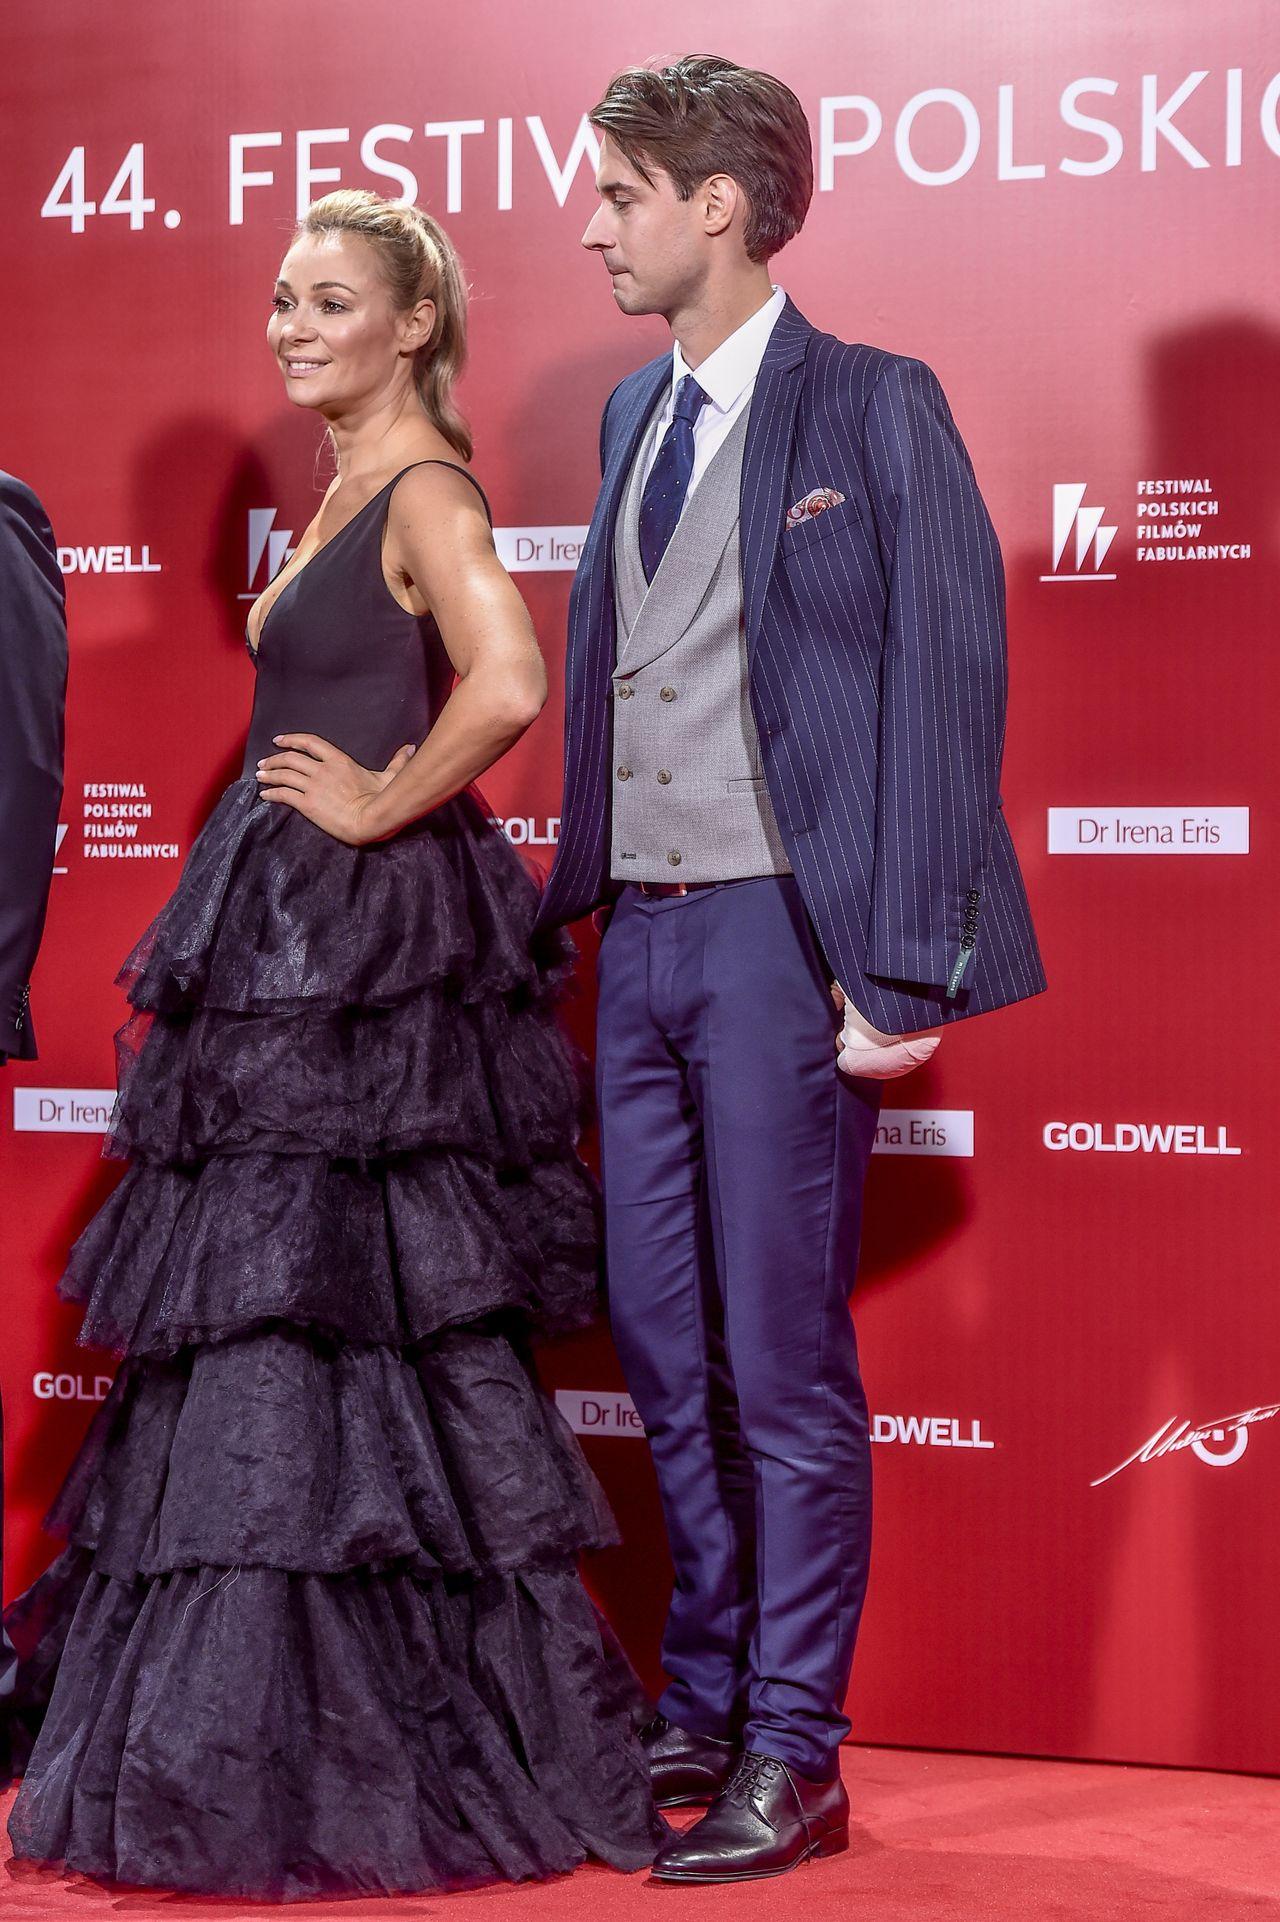 Aleksandar Milićević, Sonia Bohosiewicz